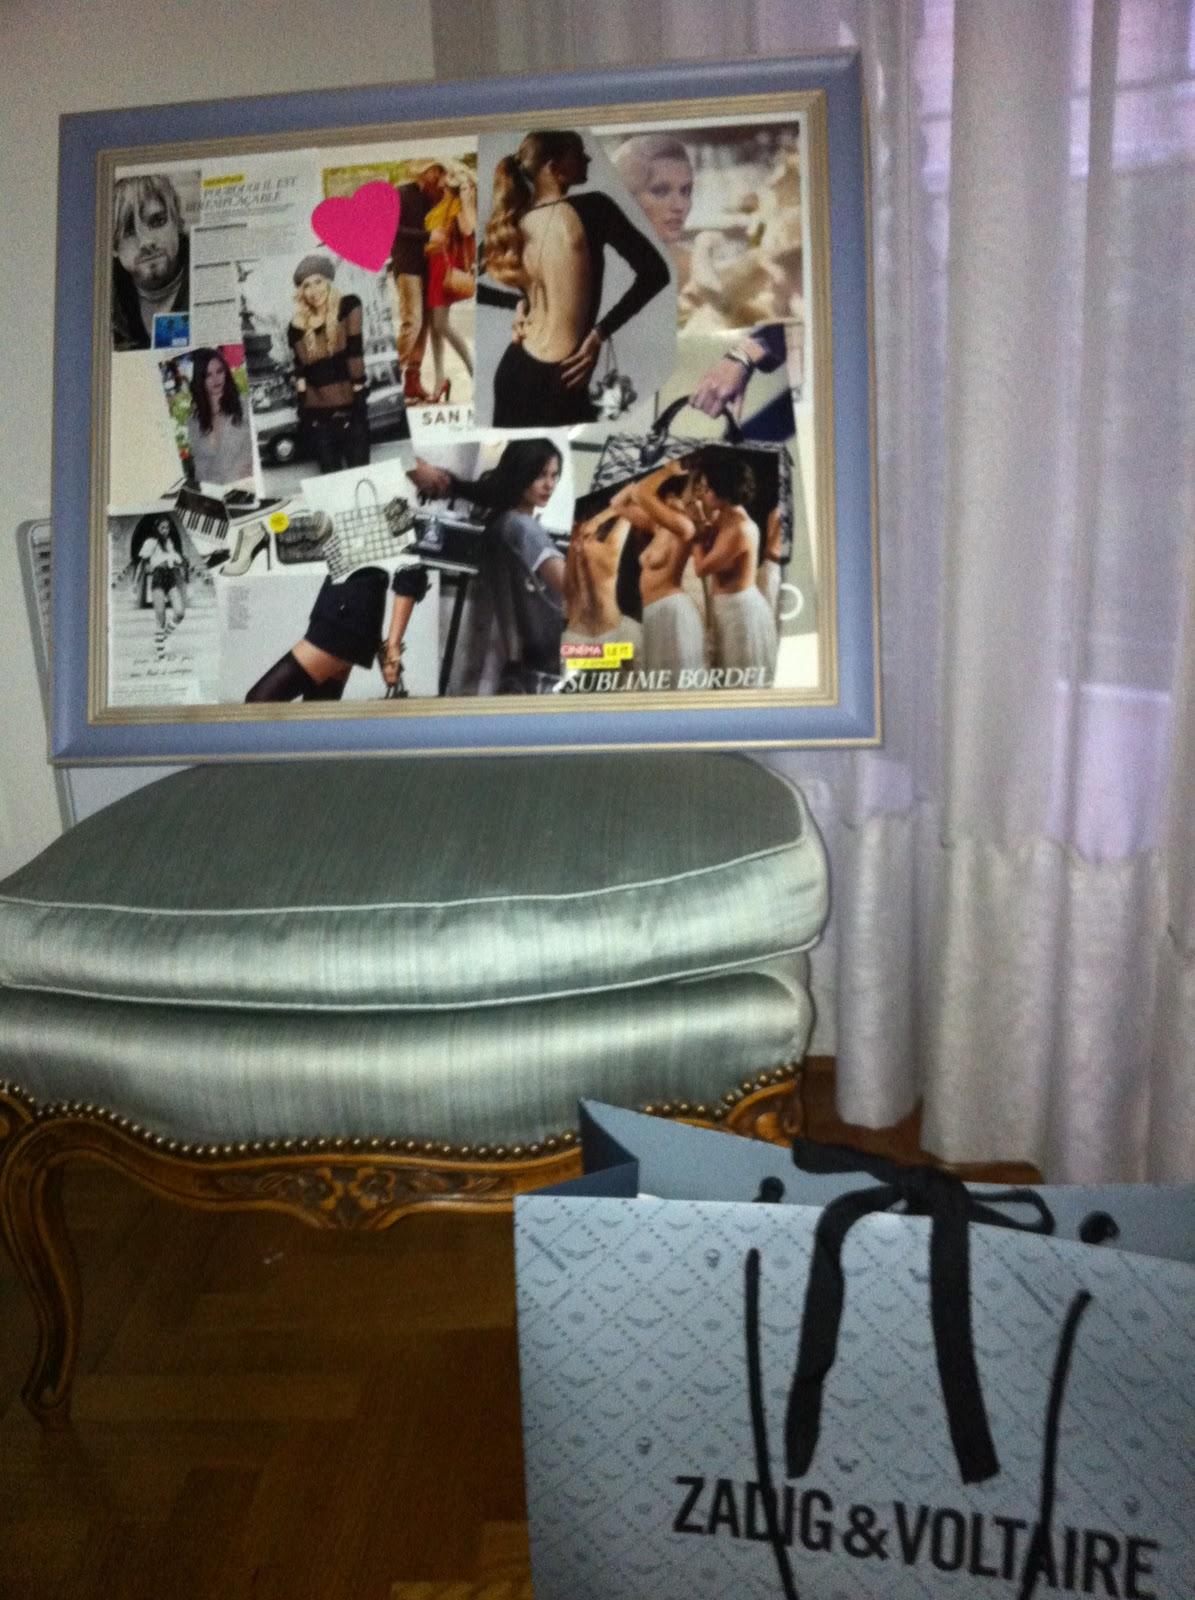 http://1.bp.blogspot.com/-OlyMZ3uFjfY/TslNlol6OZI/AAAAAAAAAHI/aghmSSg4Ios/s1600/IMG_0686.jpg